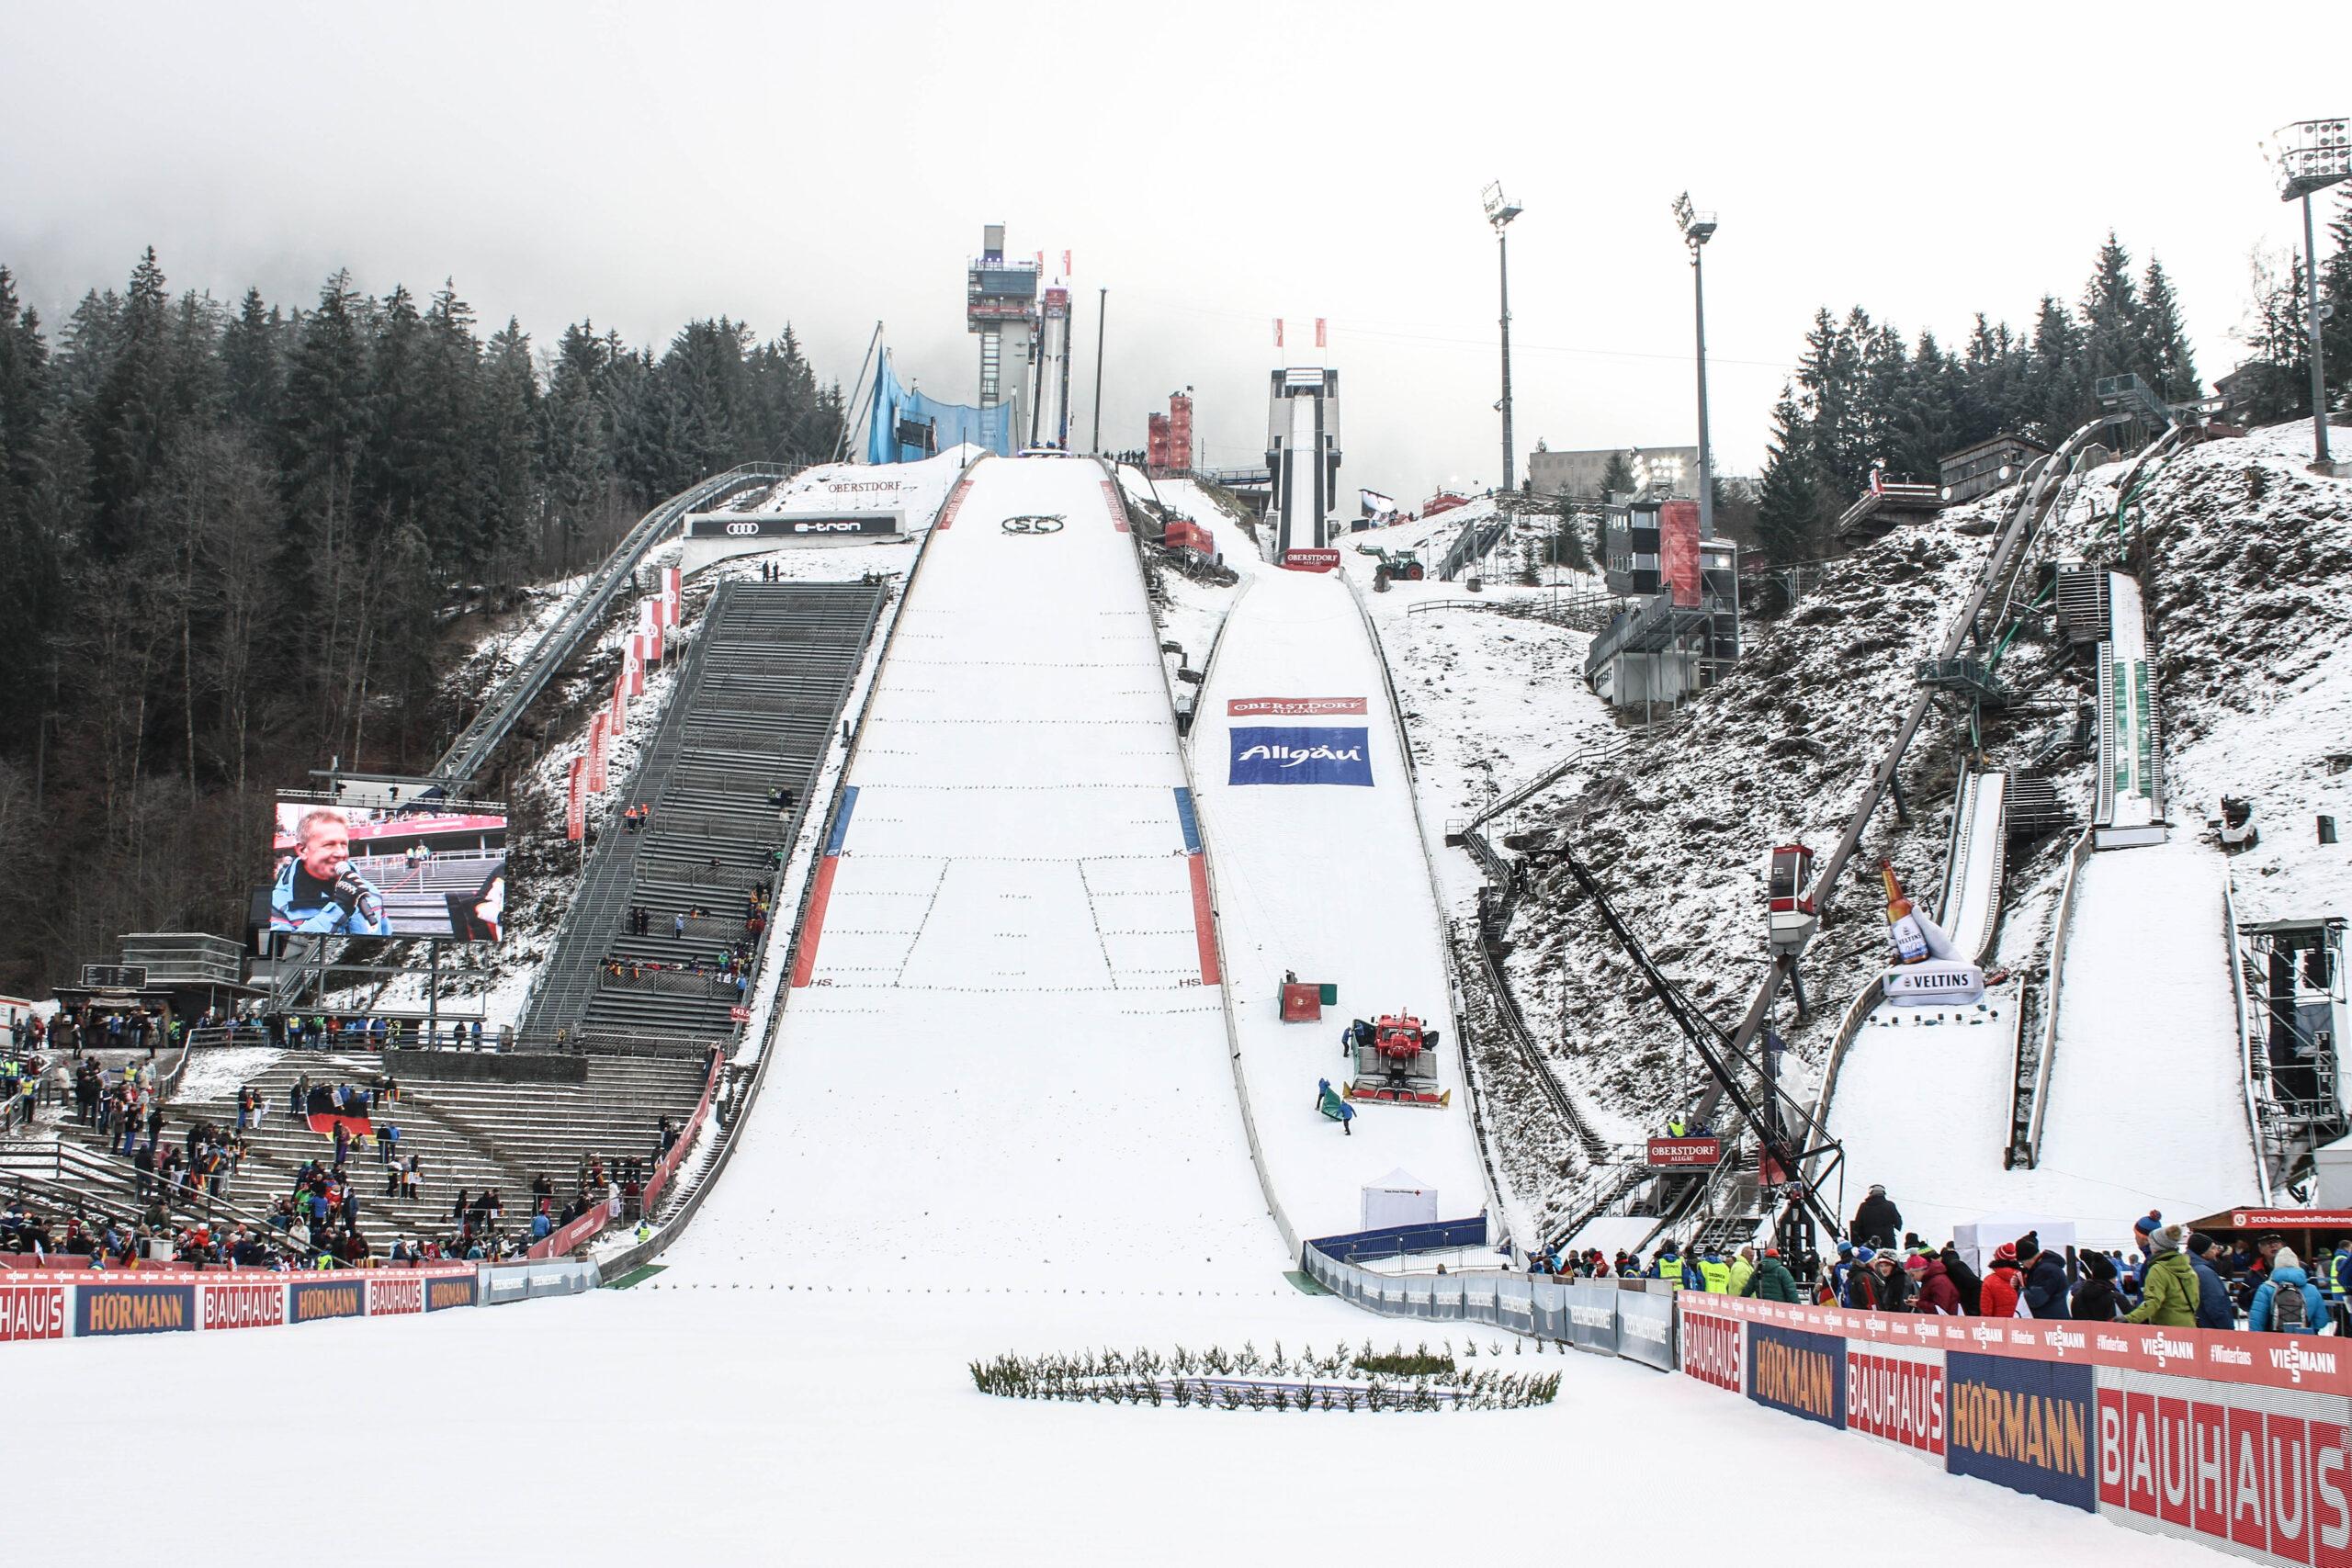 Vierschanzentournee 2021 Oberstdorf